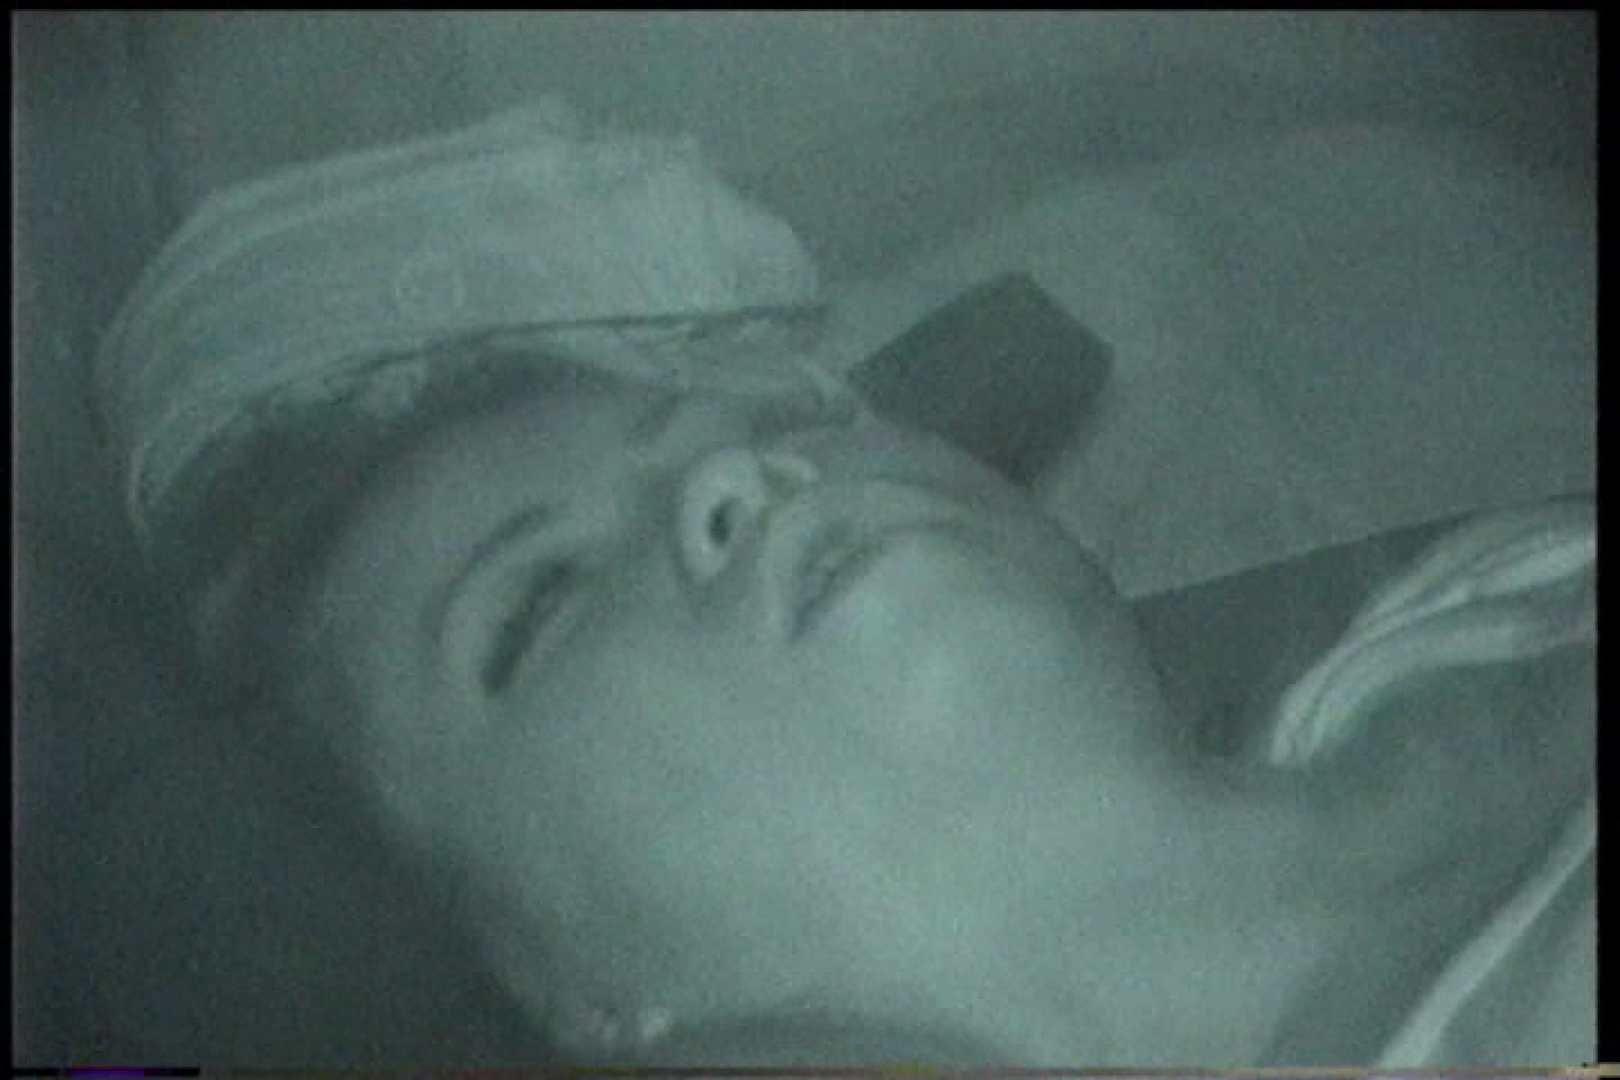 充血監督の深夜の運動会Vol.192 エロティックなOL | カーセックス  79画像 13